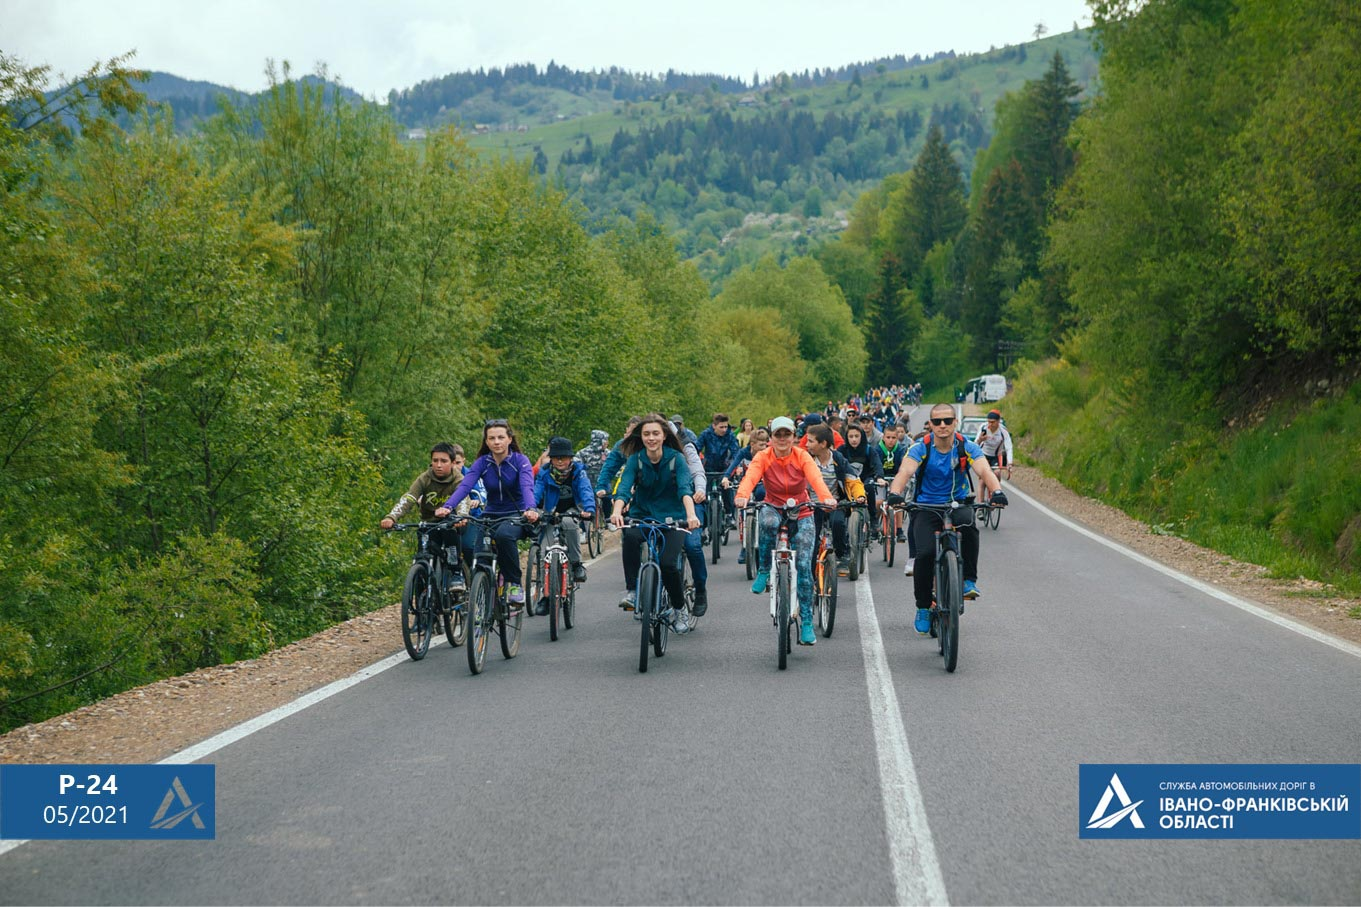 У Верховині майже 300 учасників взяли участь у велопробігу до Всеукраїнського велодня (ФОТО)